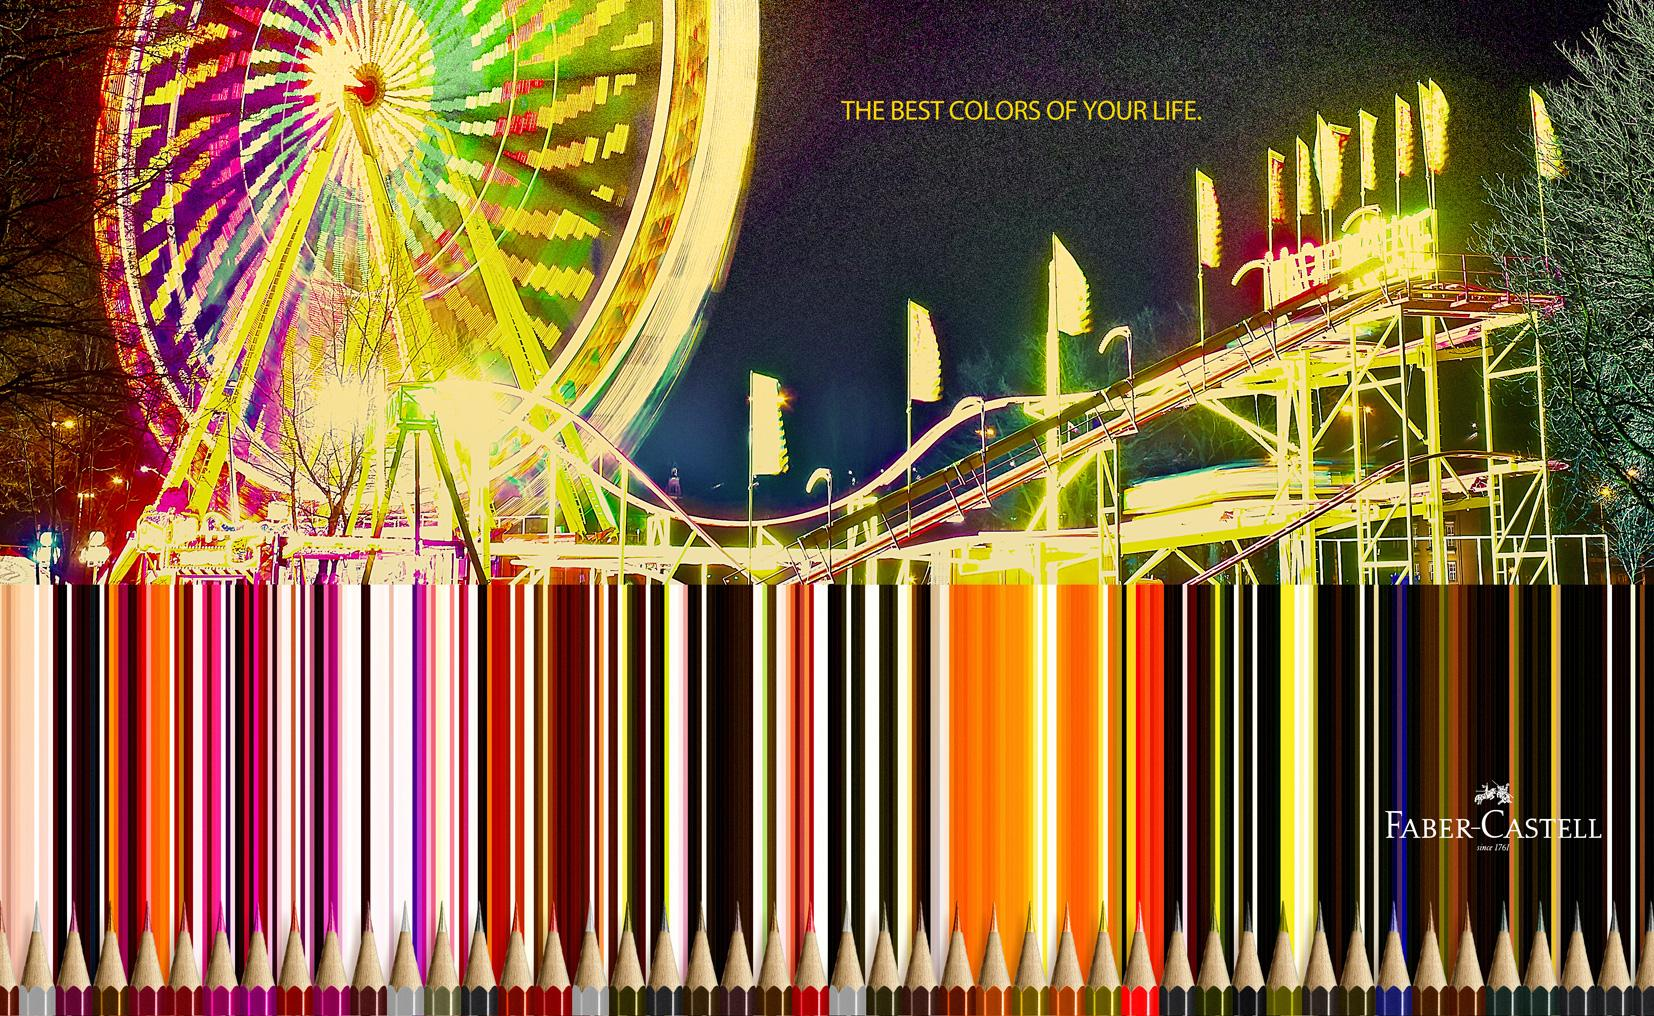 Faber-Castell Print Ad -  Amusement park